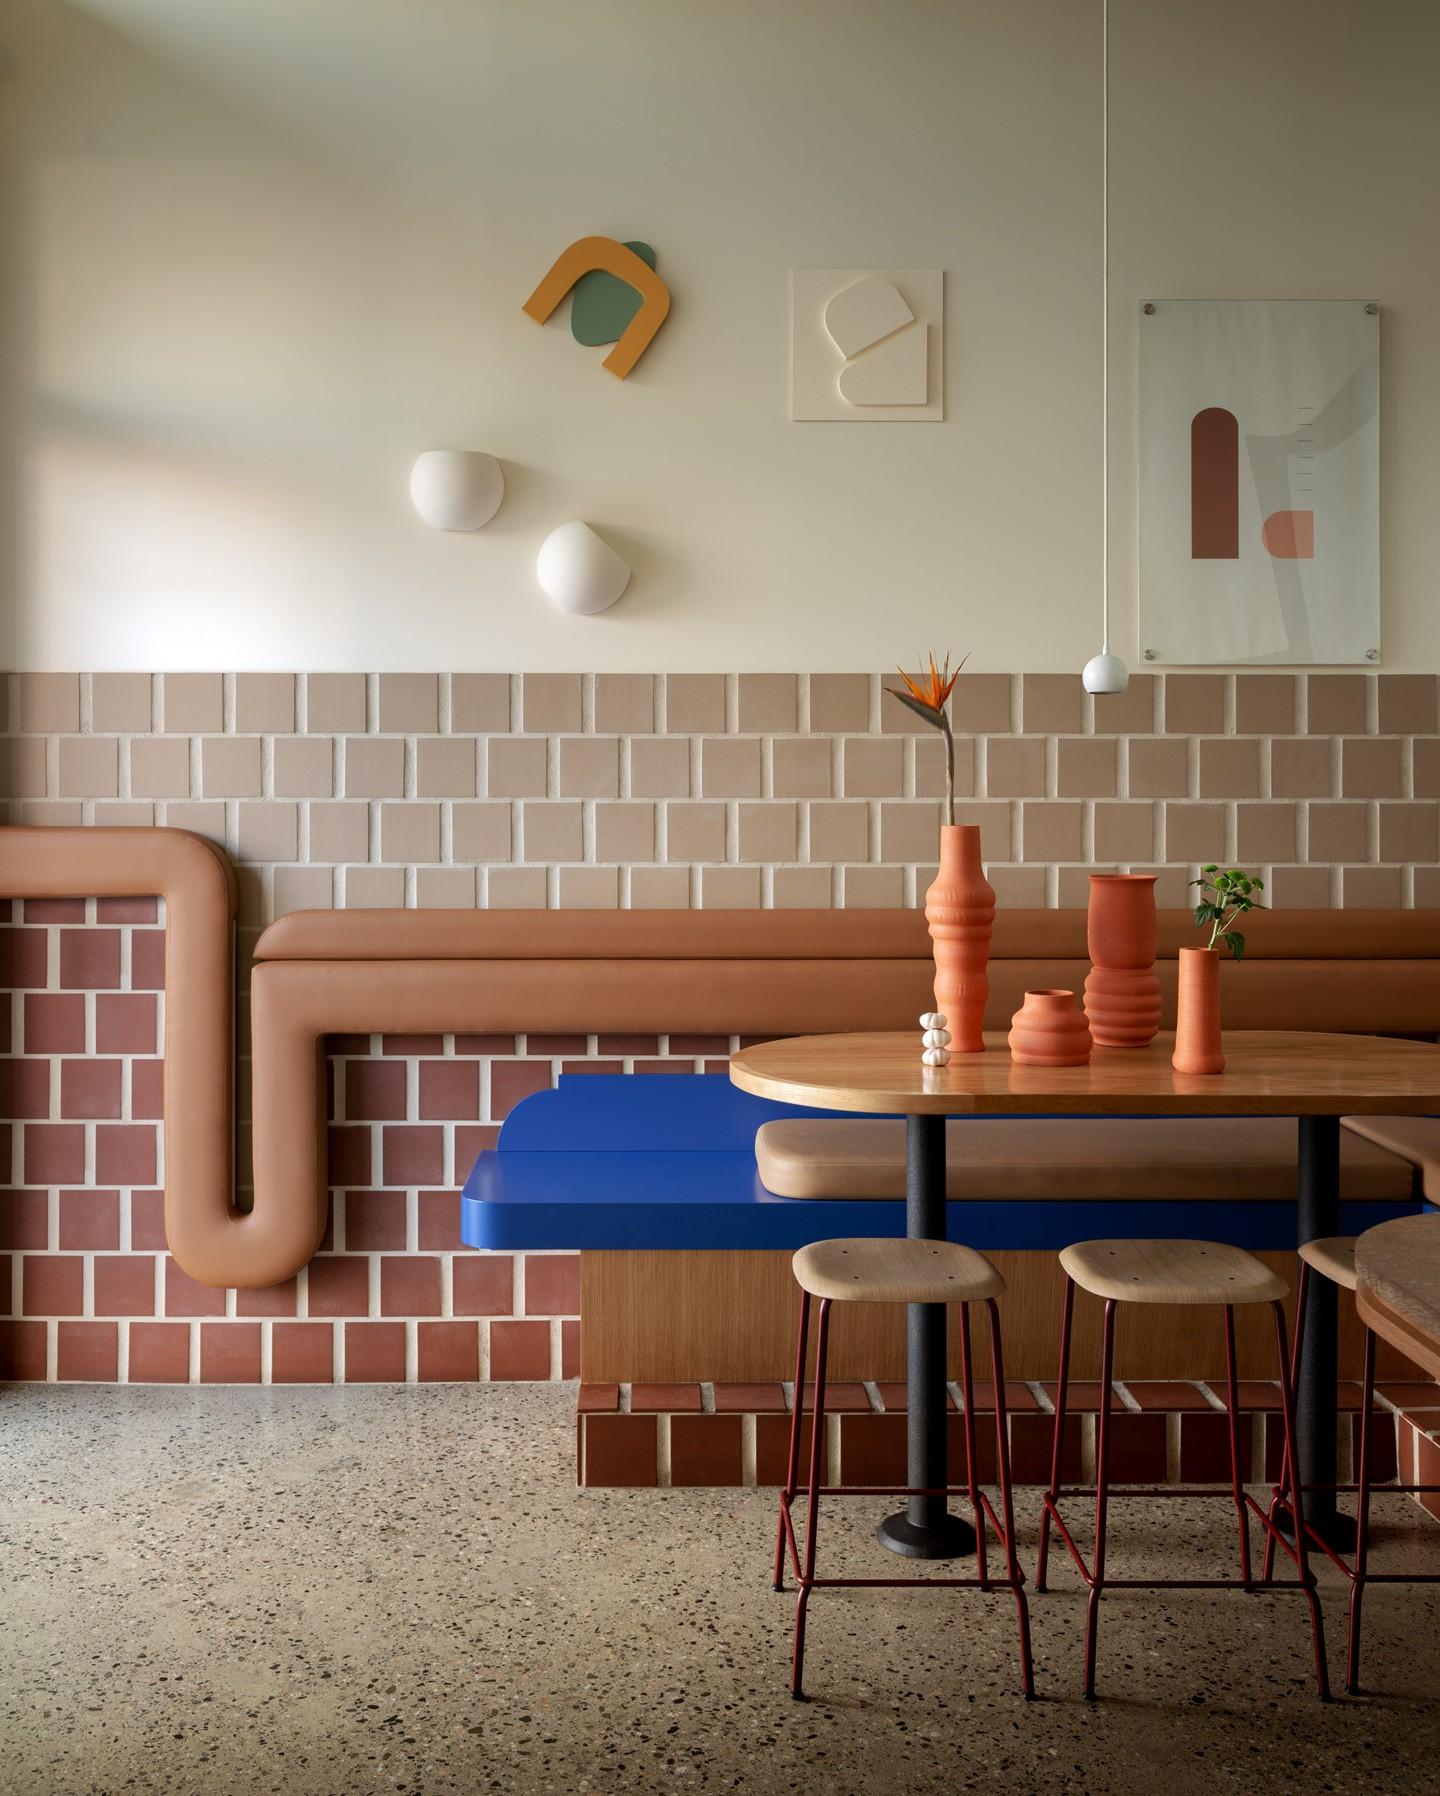 Décor do dia: tons terrosos contrastam com azul na sala de jantar (Foto: Divulgação)